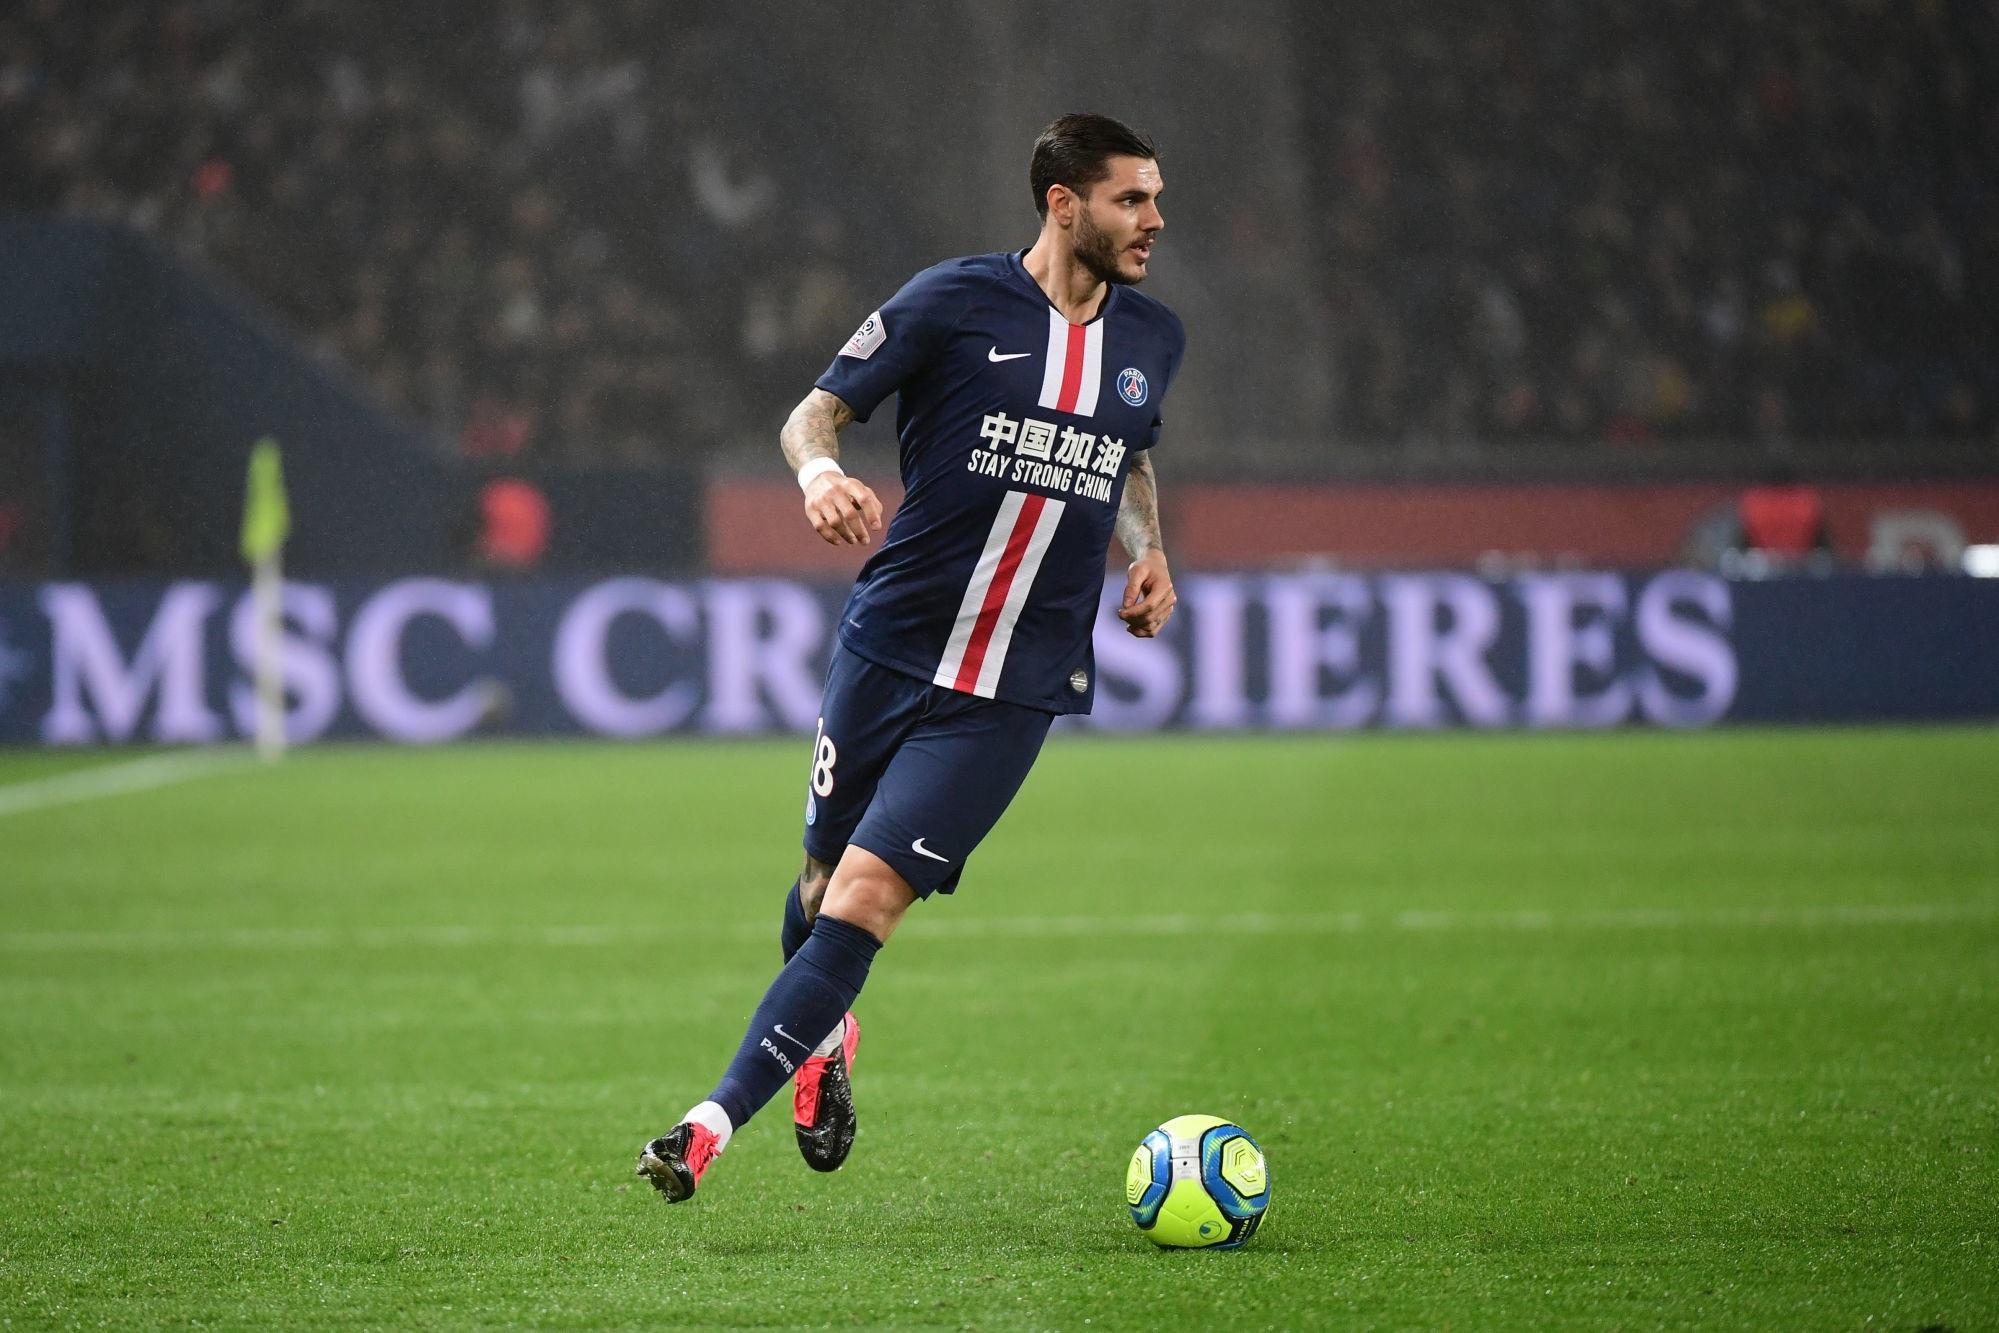 Mercato - Chelsea pourrait tenter sa chance pour Icardi s'il ne reste pas au PSG, indique The Sun